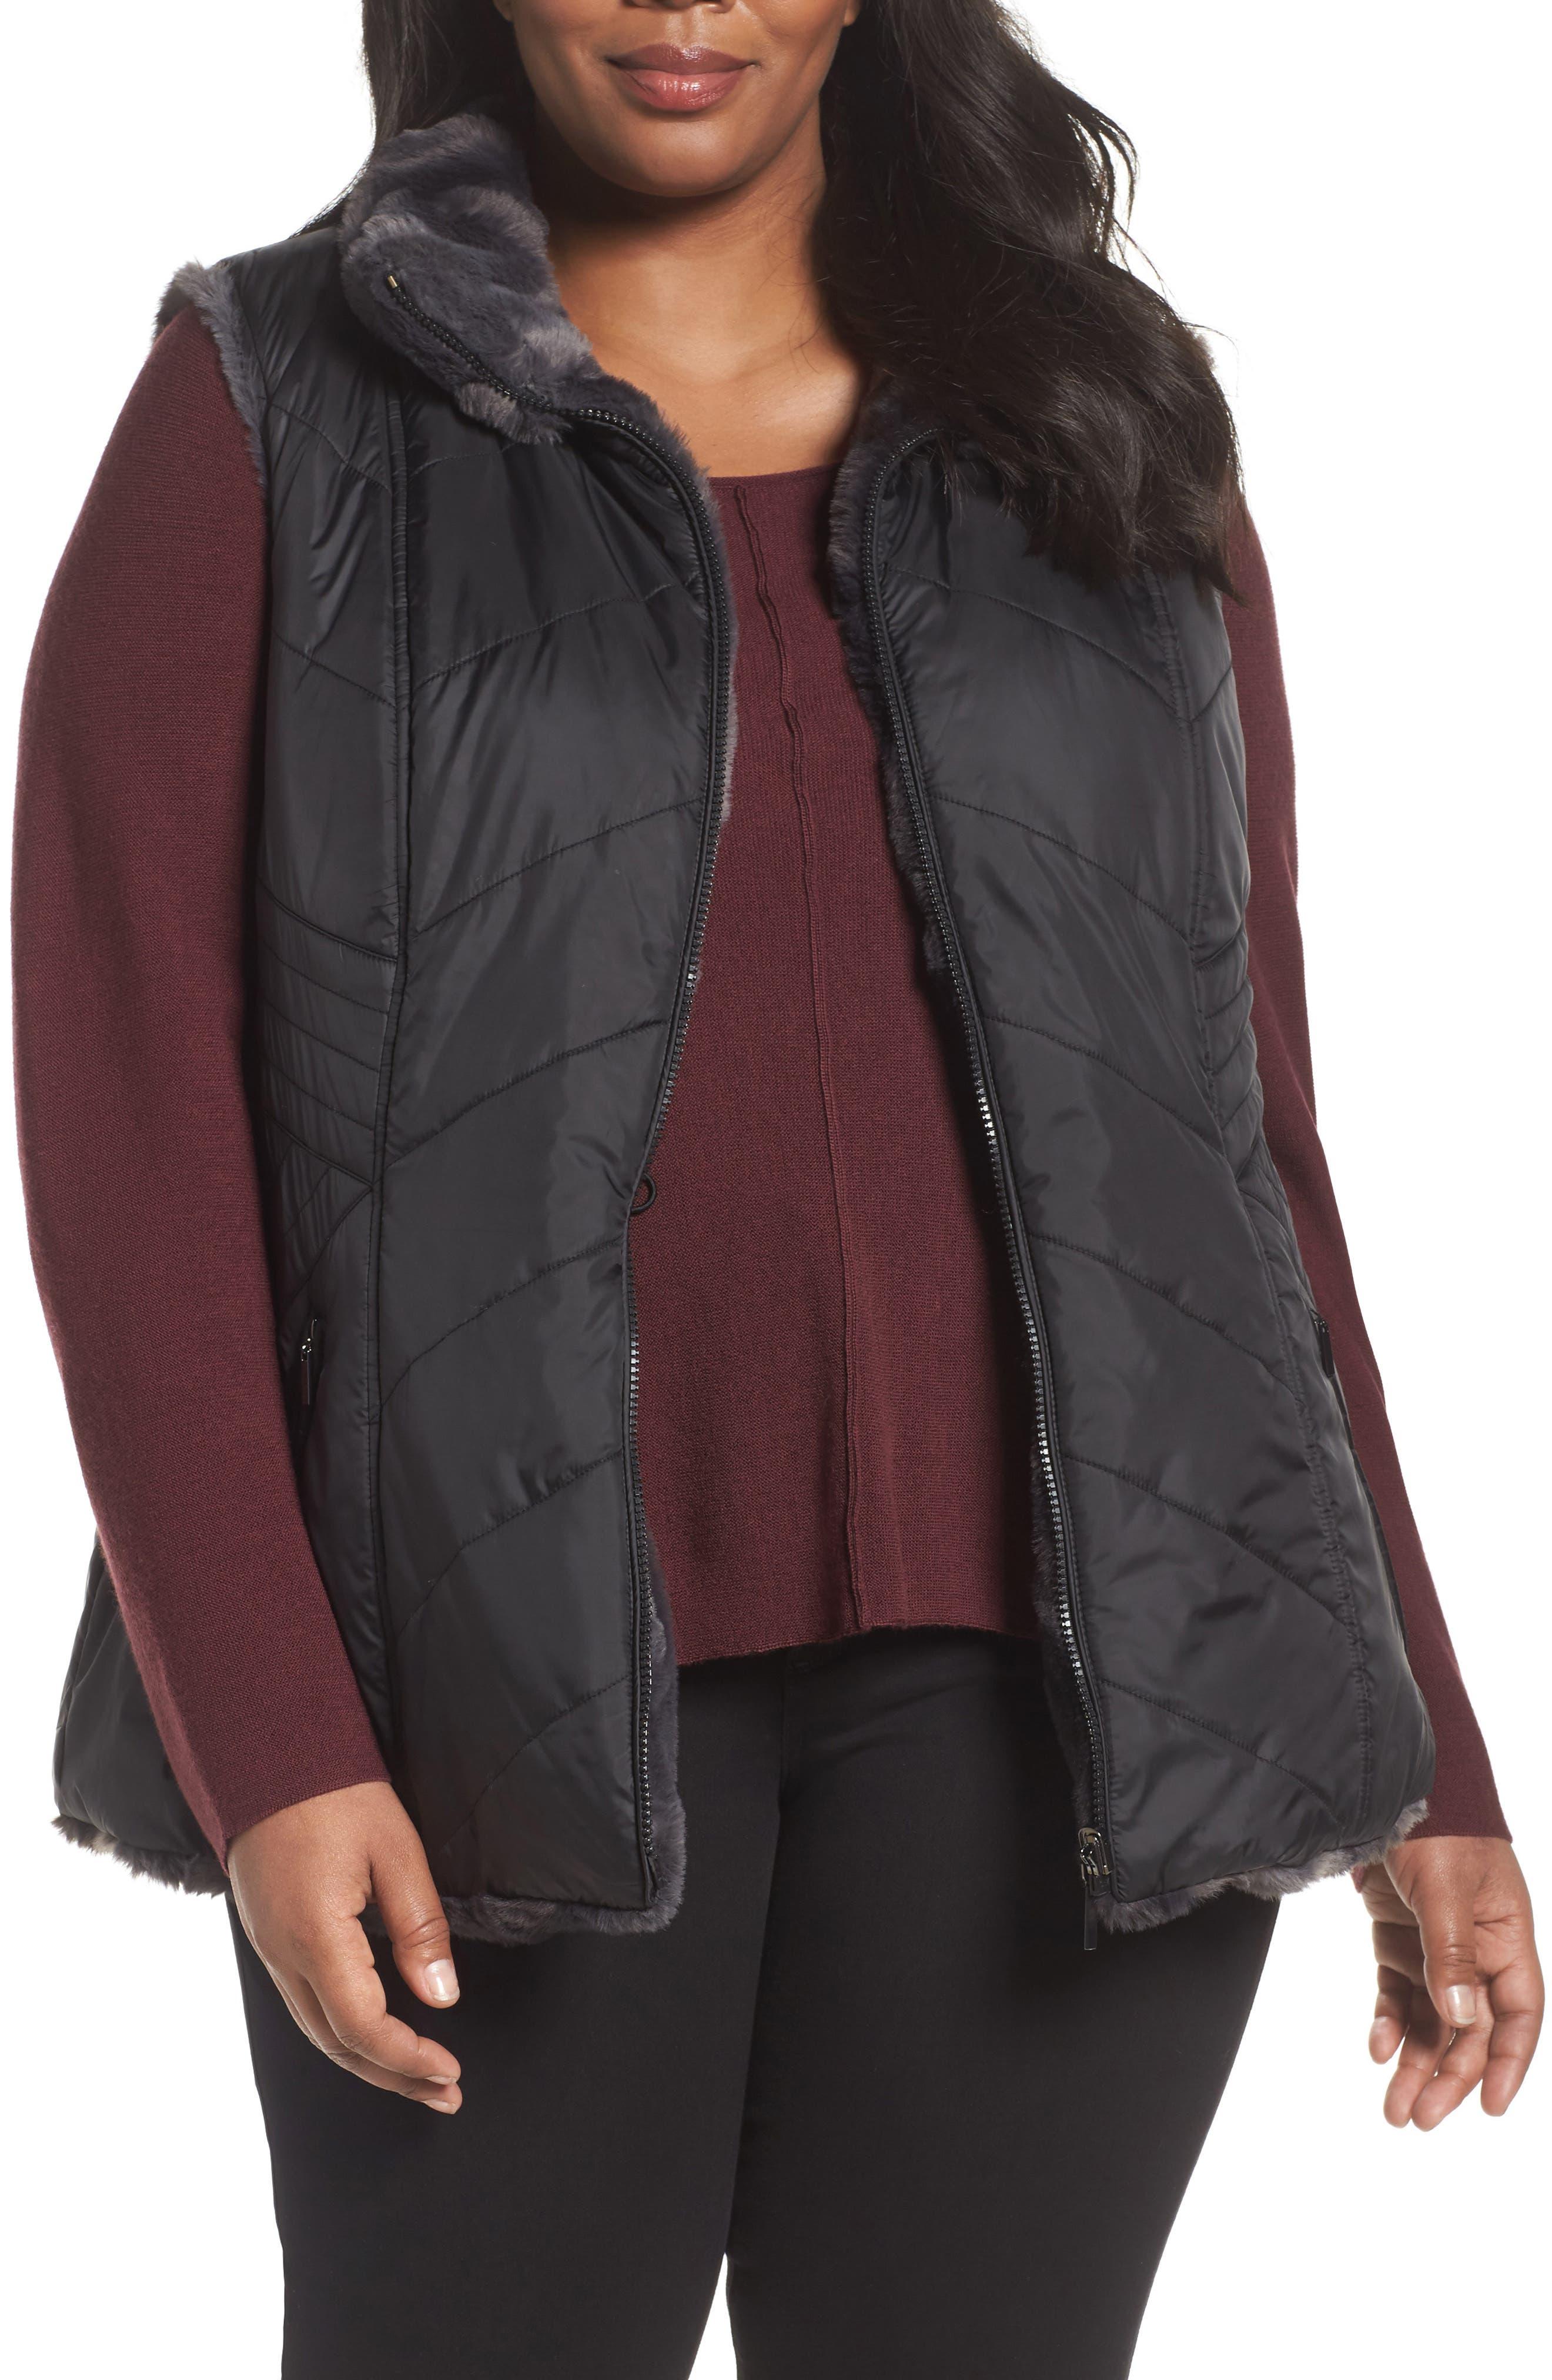 Main Image - Gallery Reversible Faux Fur Vest (Plus Size)